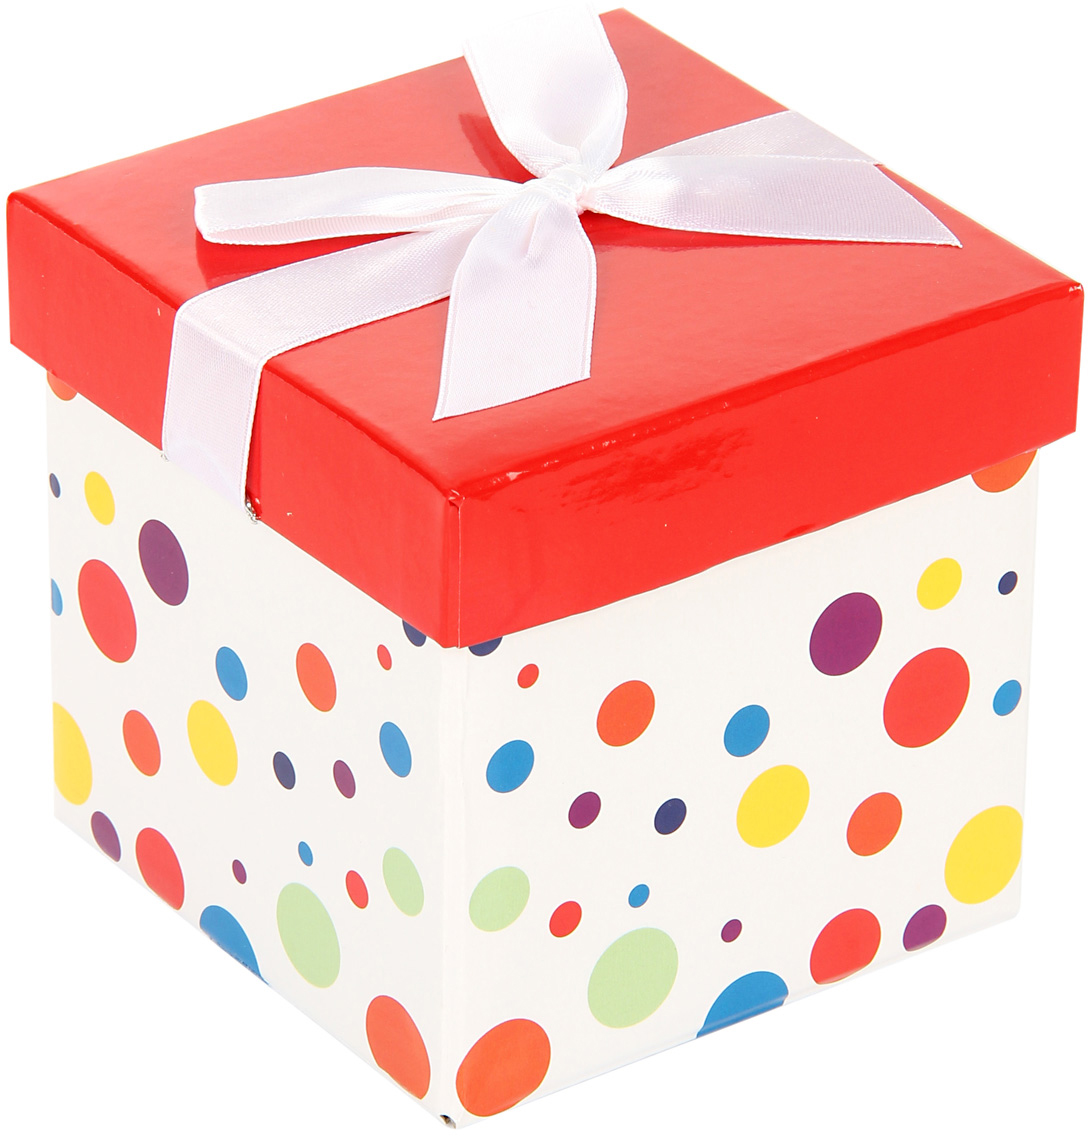 Коробка подарочная Veld-Co Giftbox. Трансформер. Разноцветные горошки, цвет: белый, 10,3 х 10,3 х 9,8 см коробка подарочная veld co giftbox трансформер солнечное настроение цвет оранжевый 10 3 х 10 3 х 9 8 см